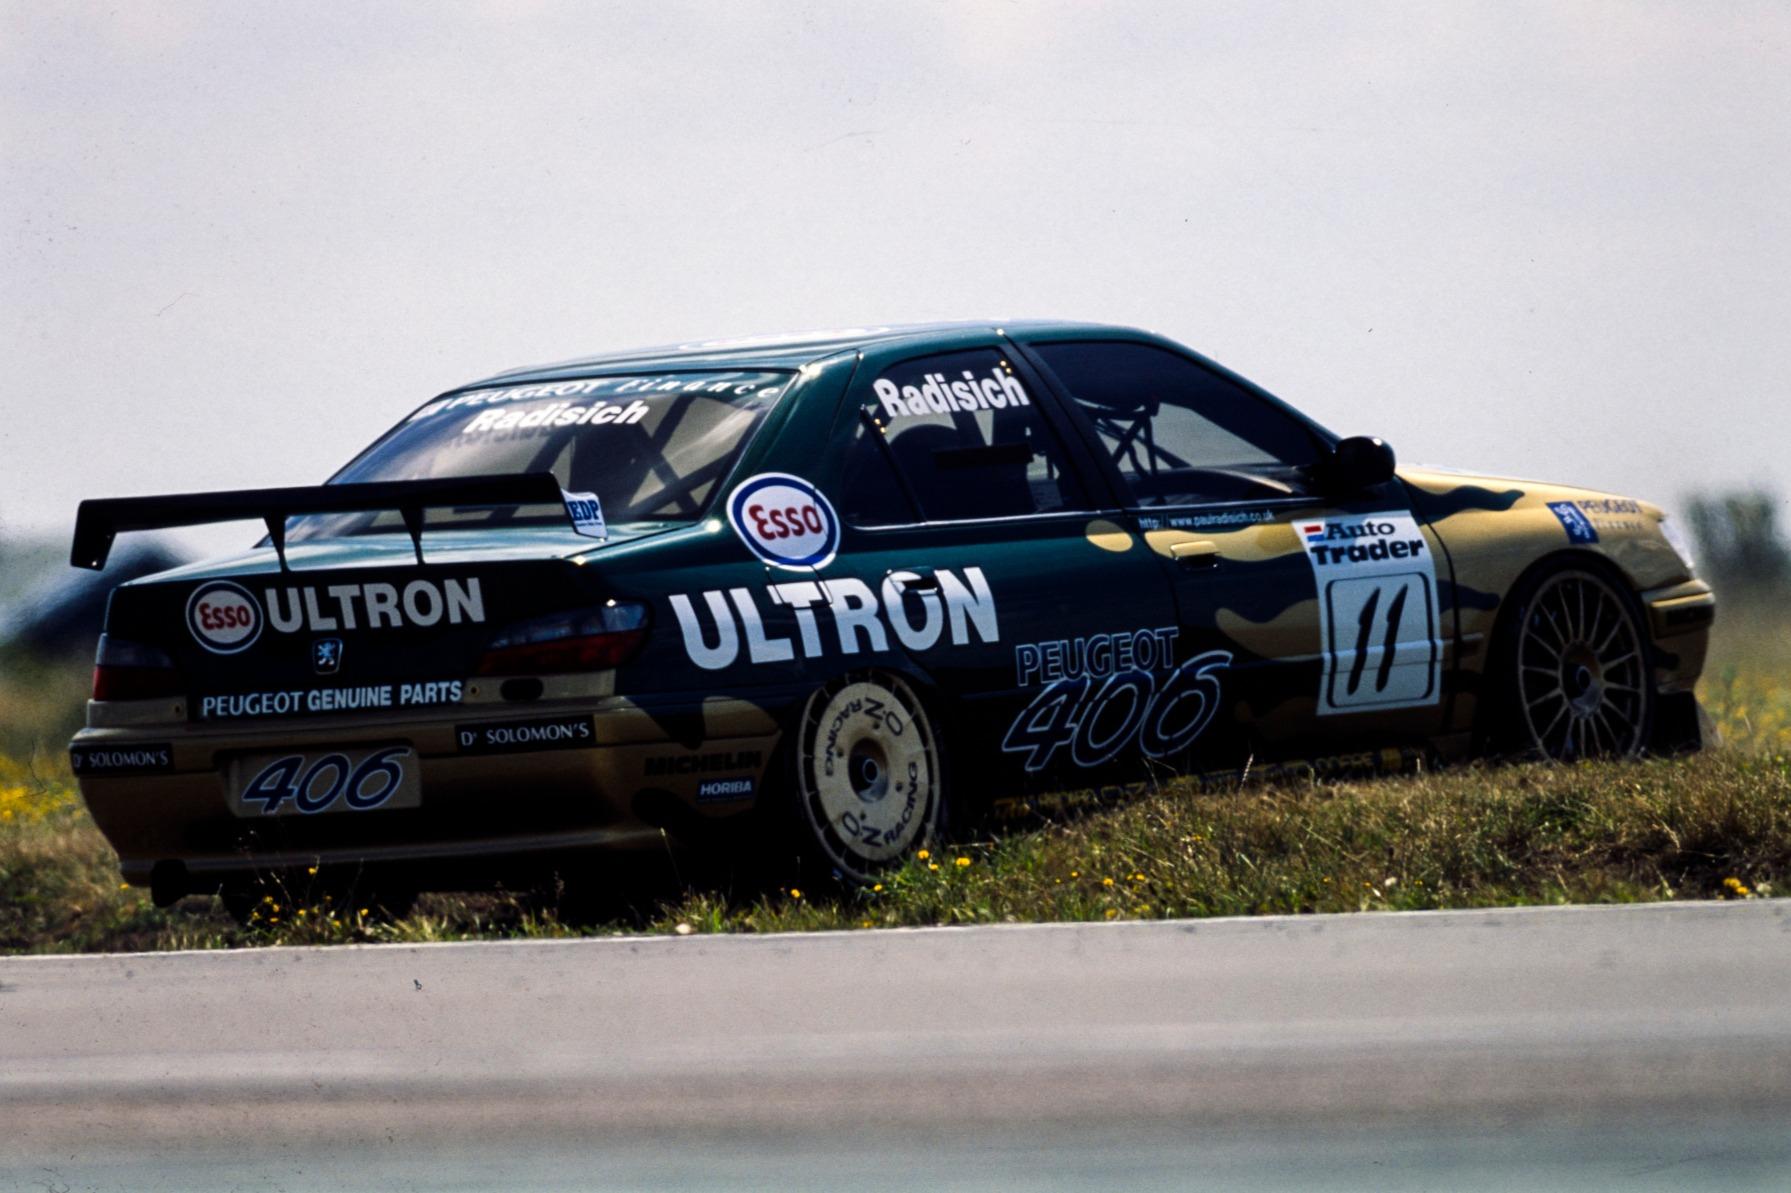 Paul Radisich's Peugeot 406 stranded at Snetterton in 1998